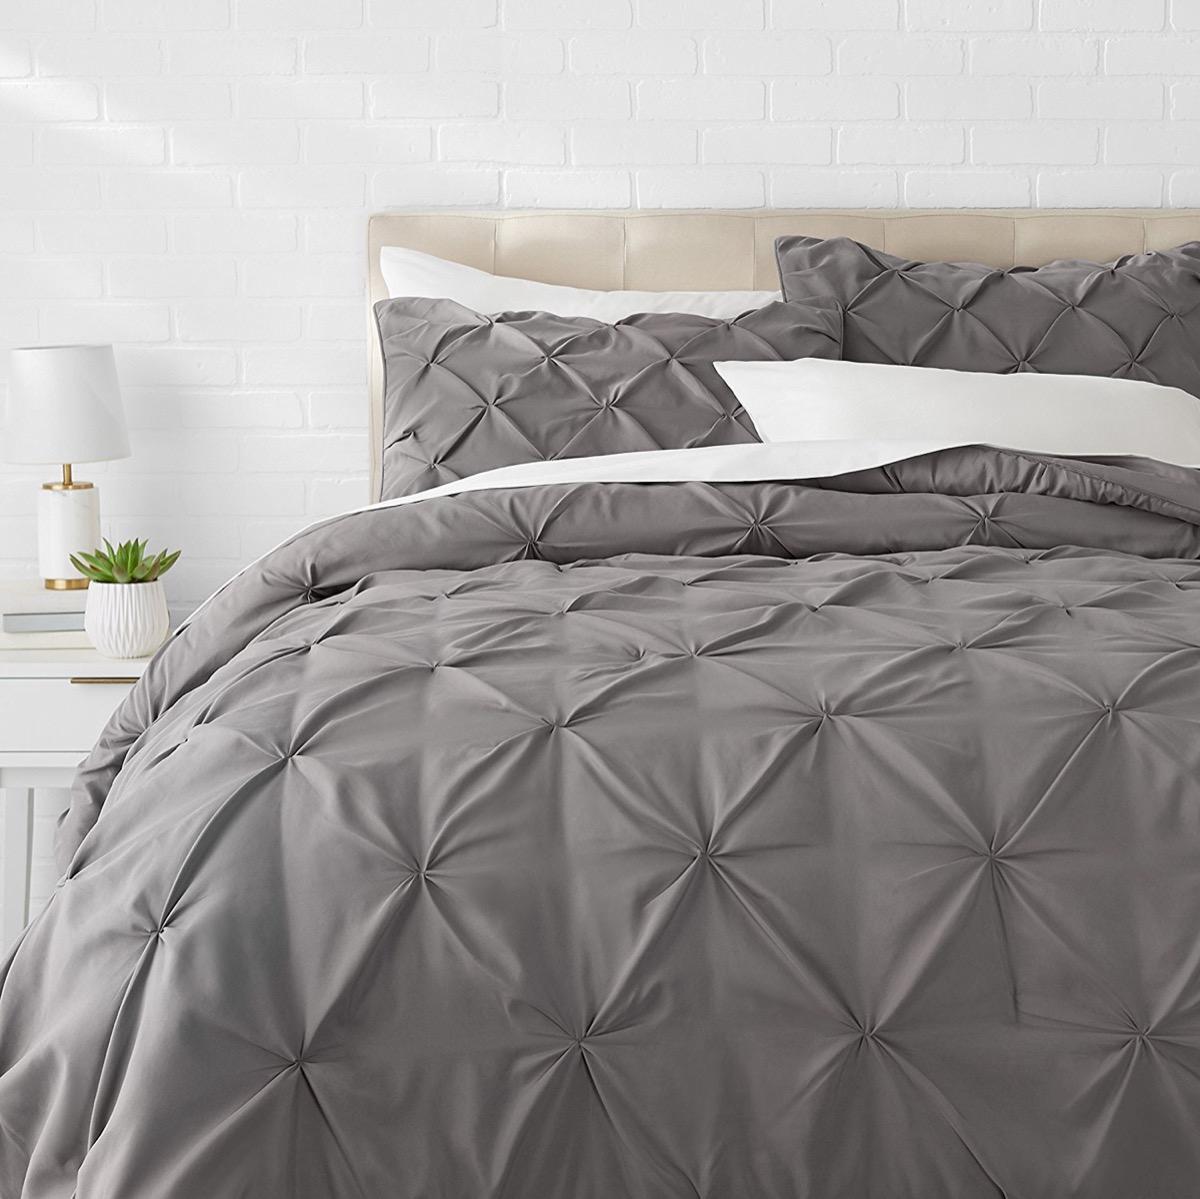 comforter set amazon gifts